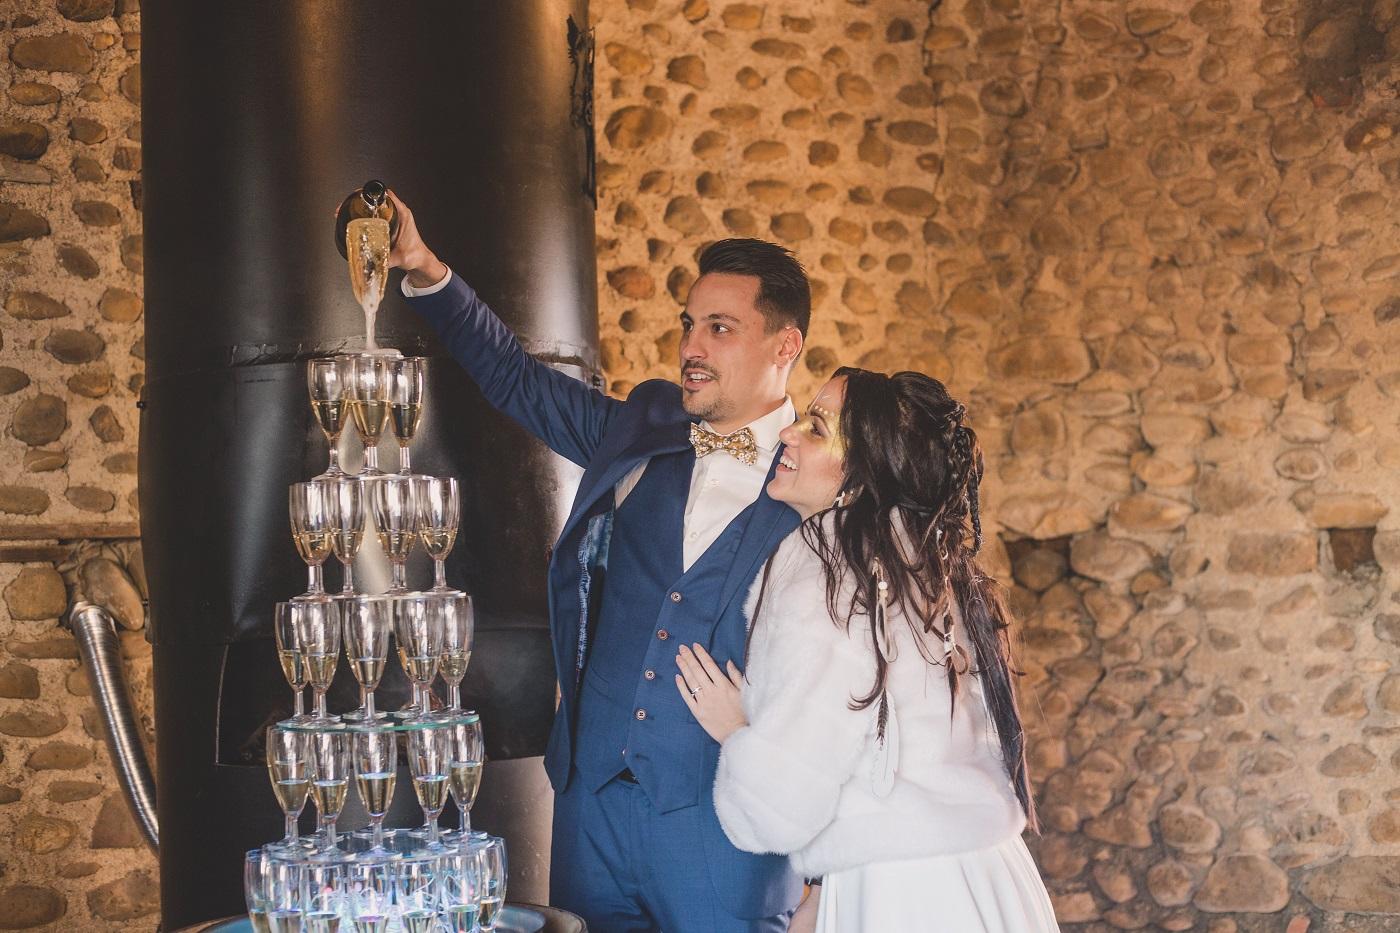 Mariage amérindien et noeud papillon jaune moutarde du marié, champagne !